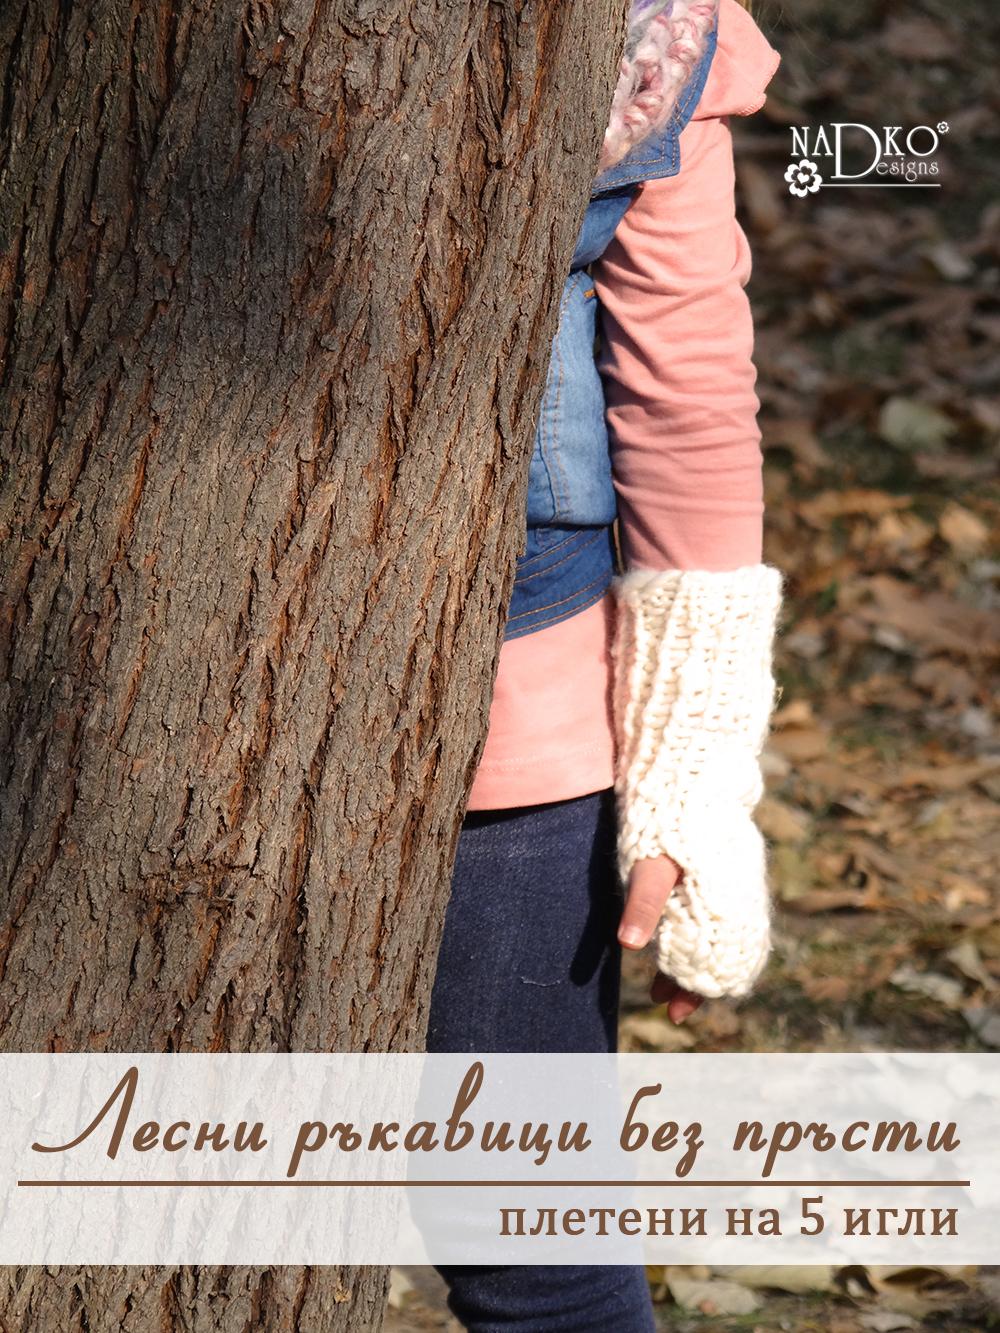 Лесни ръкавици без пръсти на 5 игли